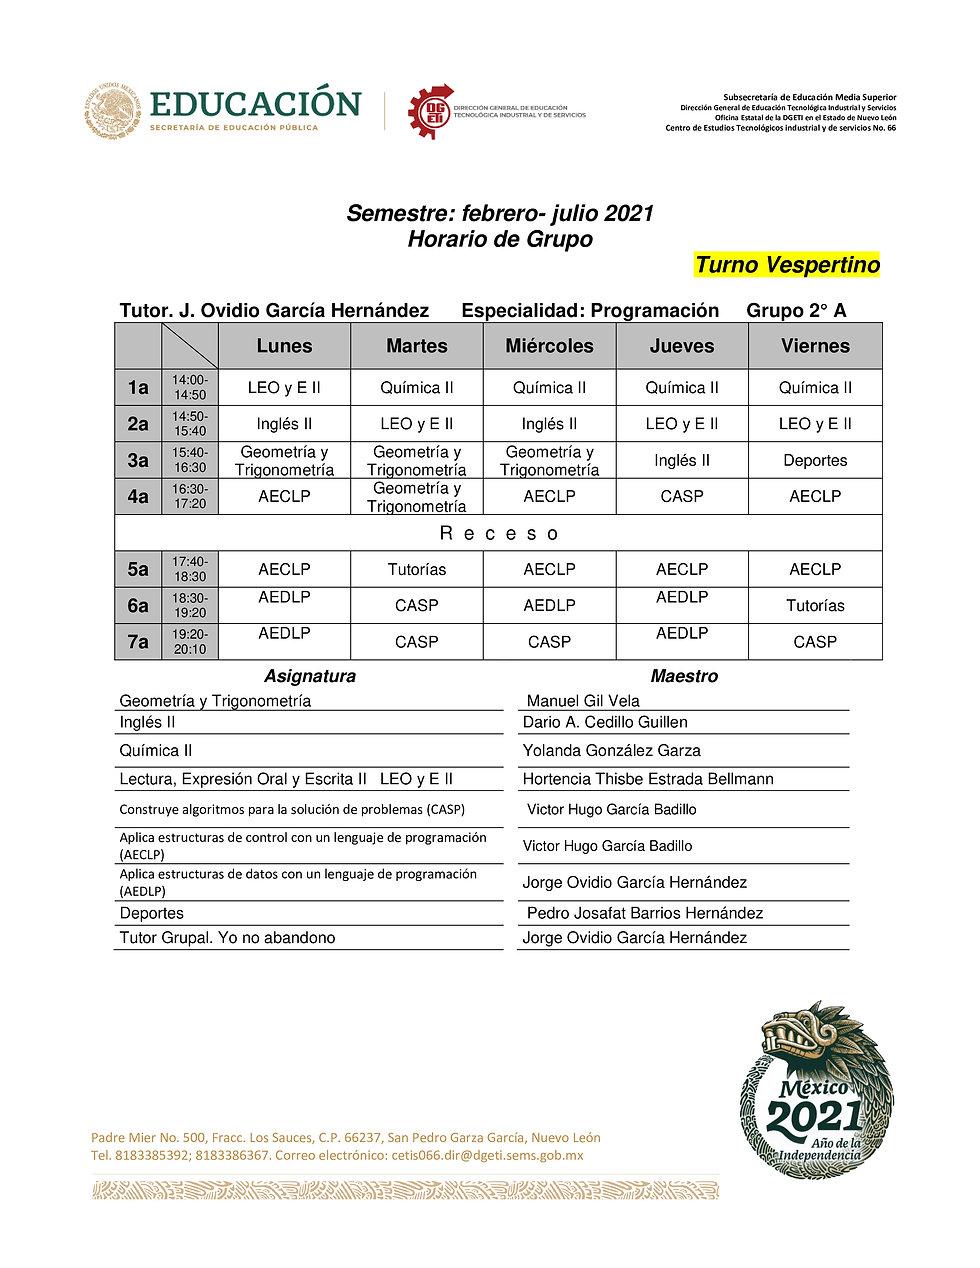 3-TV 21-21 HORARIOS SEGUNDO SEMESTRE-2.j